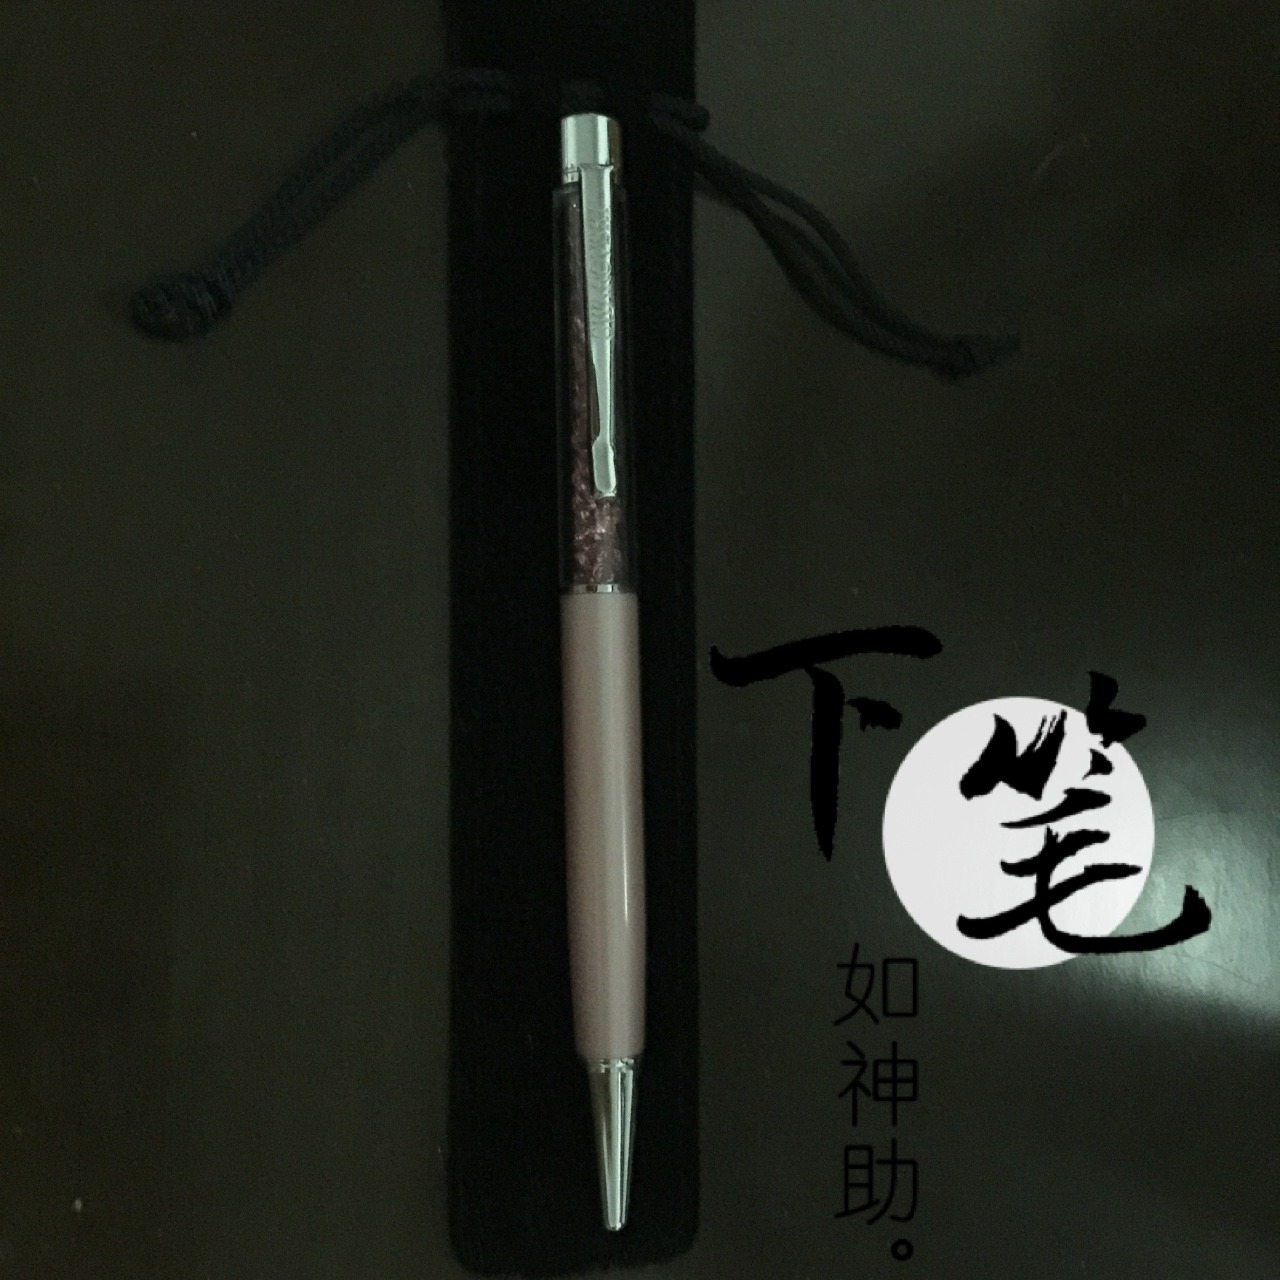 圆珠笔[么么哒][么么哒][么么哒]据说可以招桃花哦